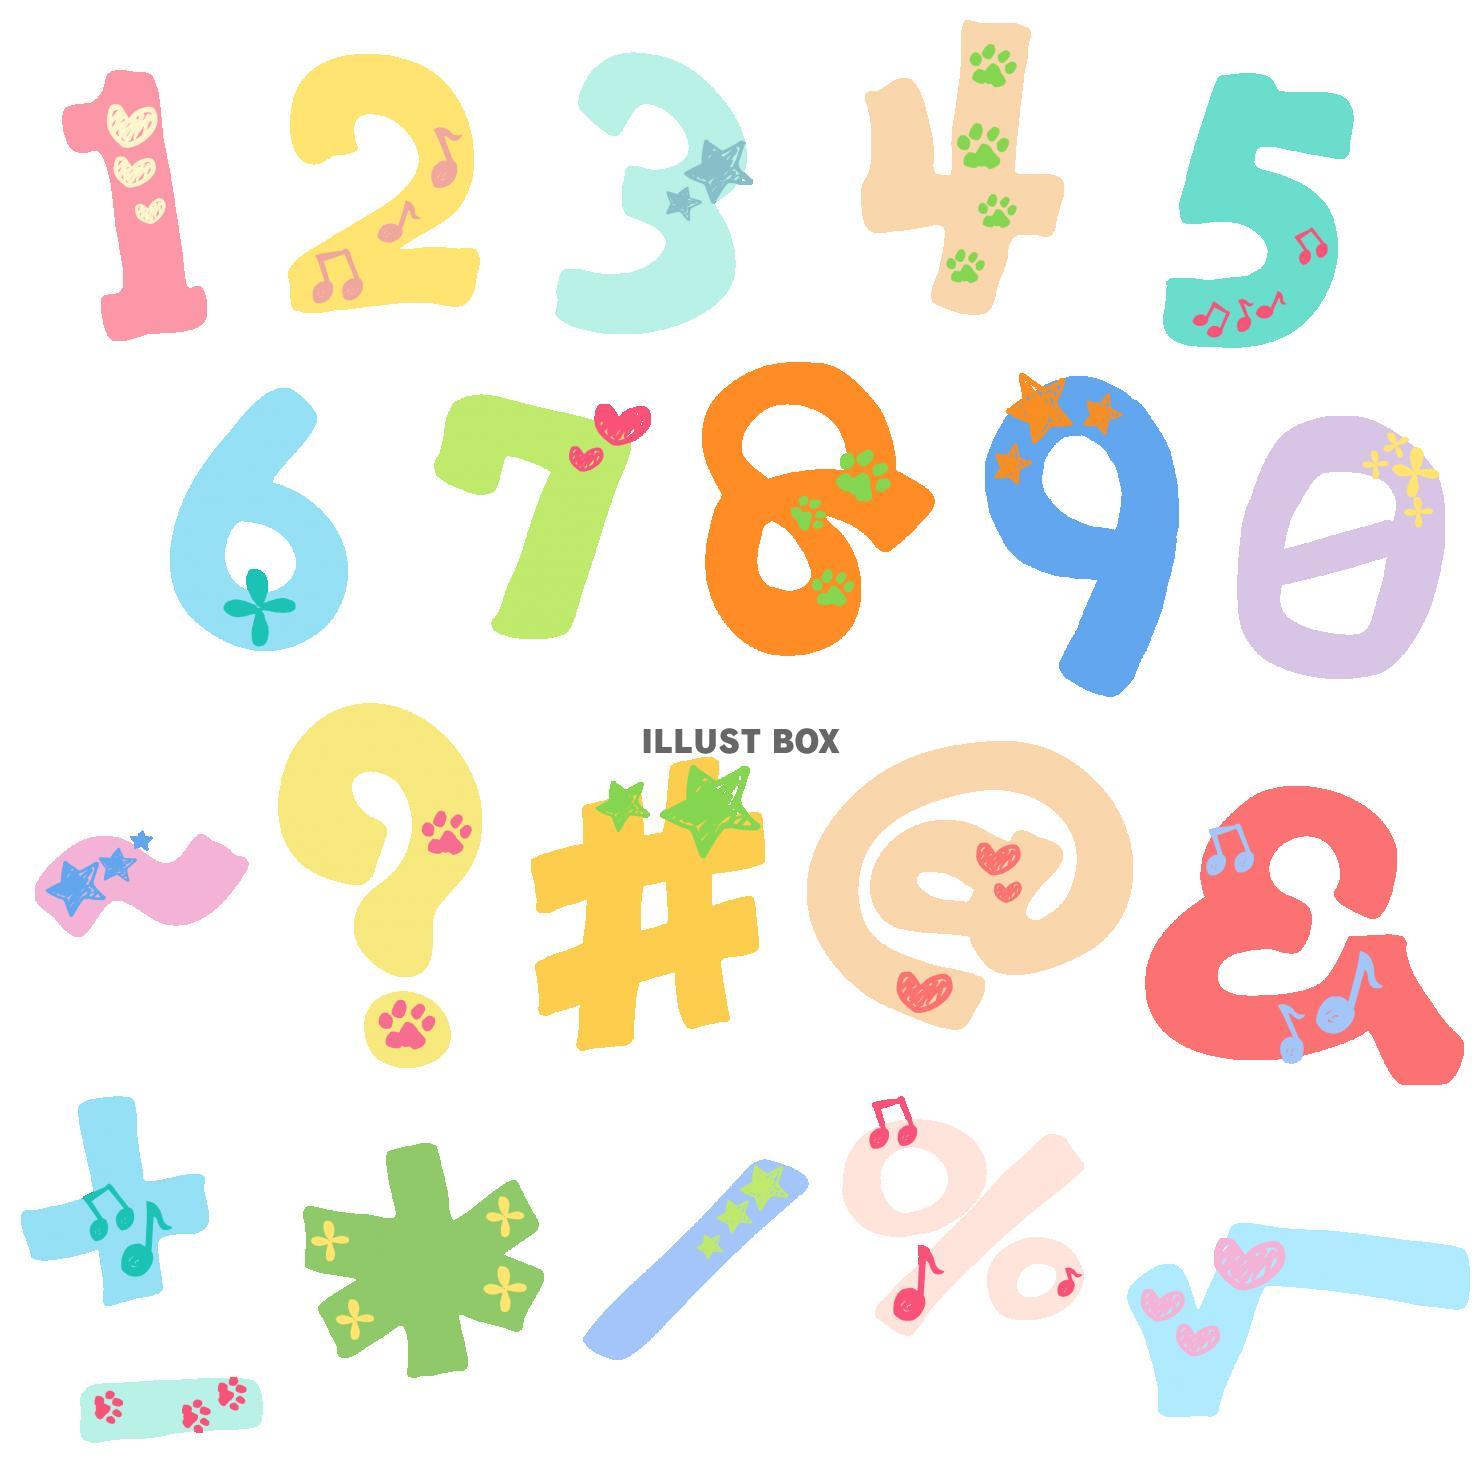 ゆる文字セット - 数字と記号